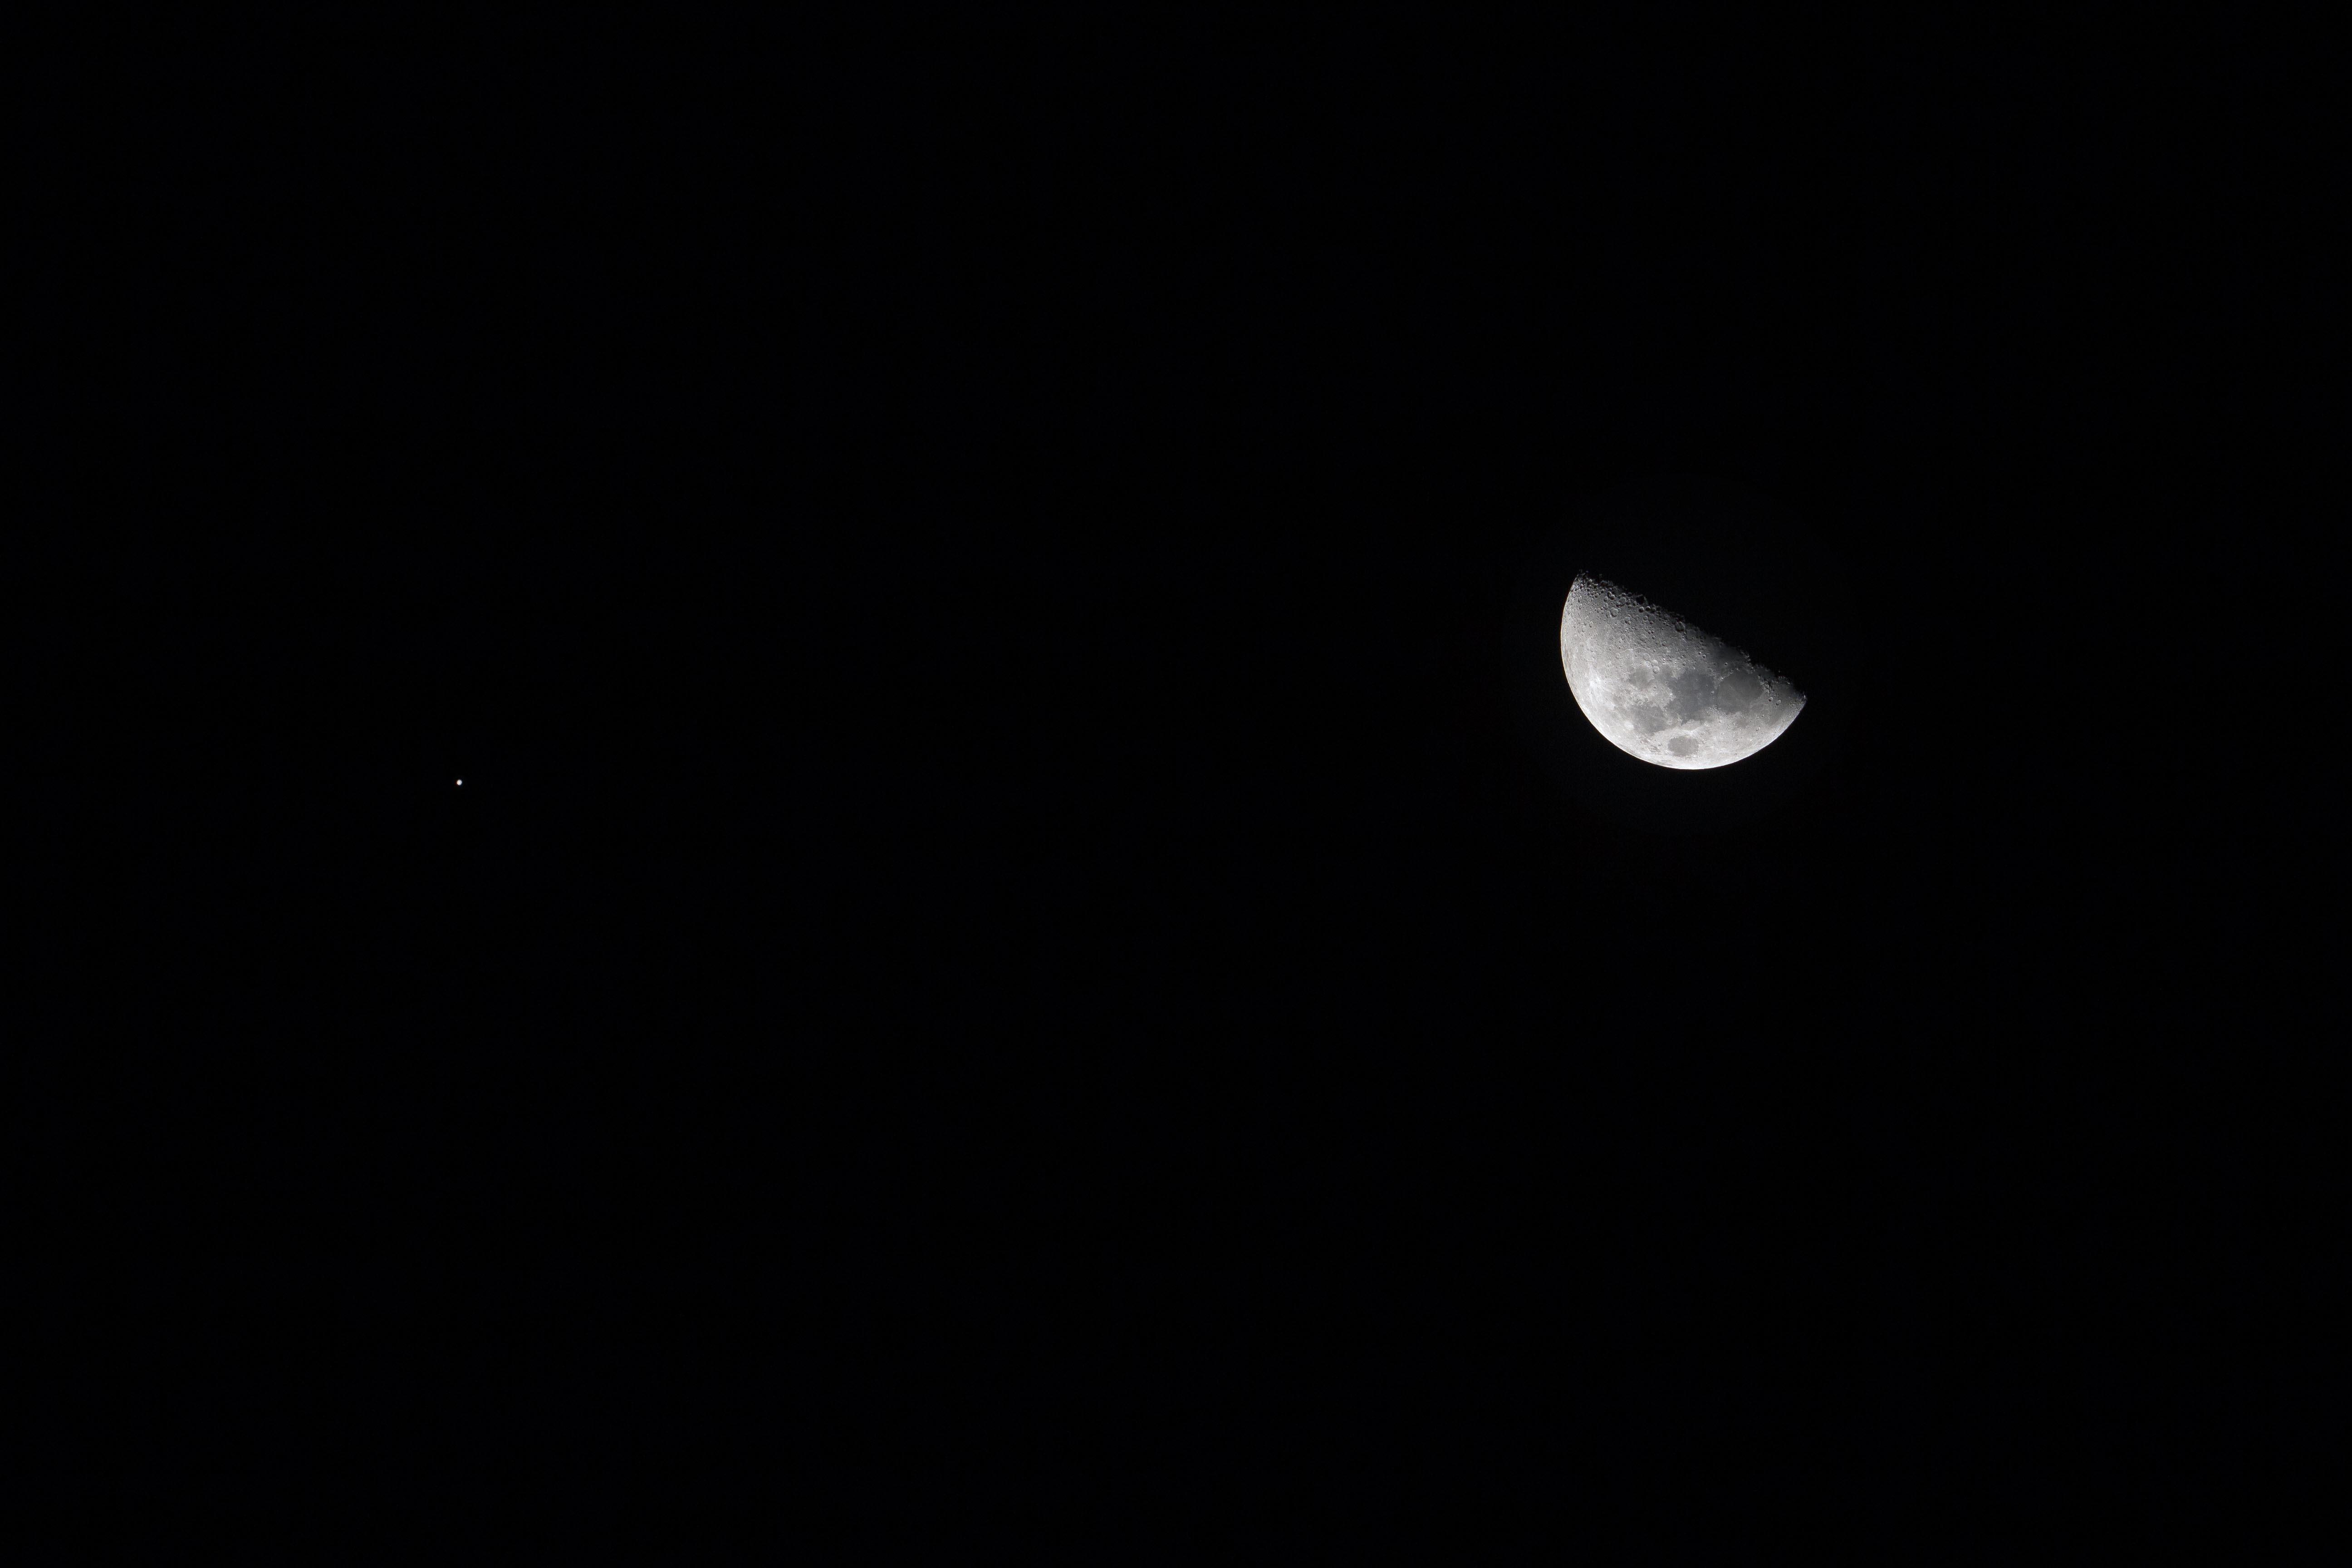 月と木星の接近_e0174091_15404080.jpg